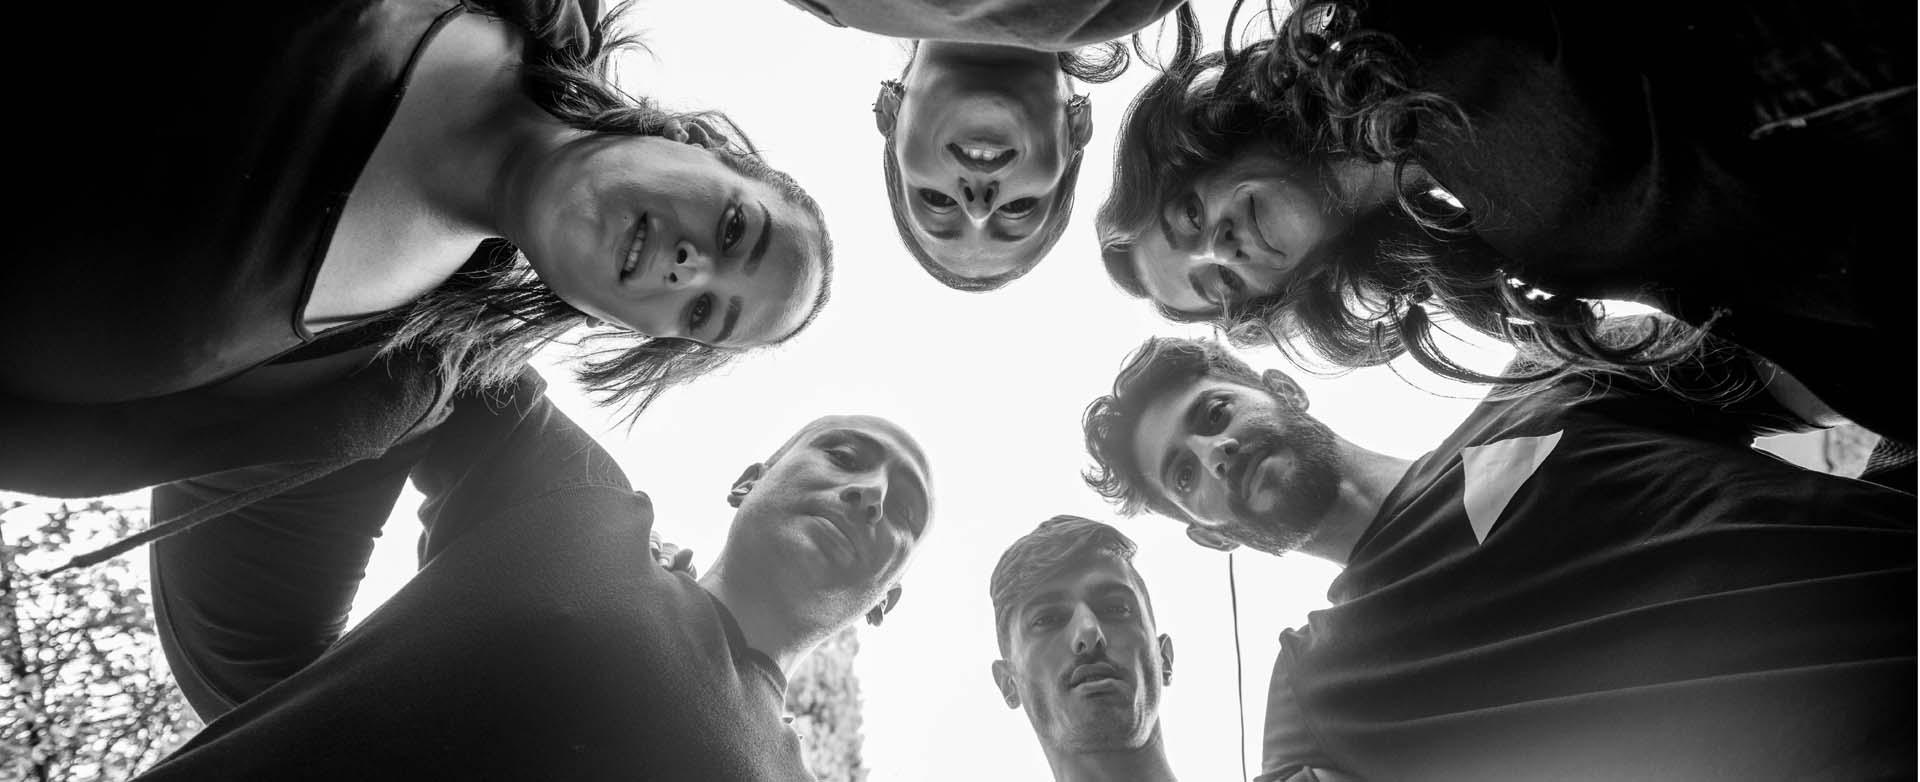 אוראל מולול,שיר ומלי אלקיים, ישראל קלר,ערן אלגרבלי, מאיר אזולאי, ערן ויצמן, צילום מני פל - 1